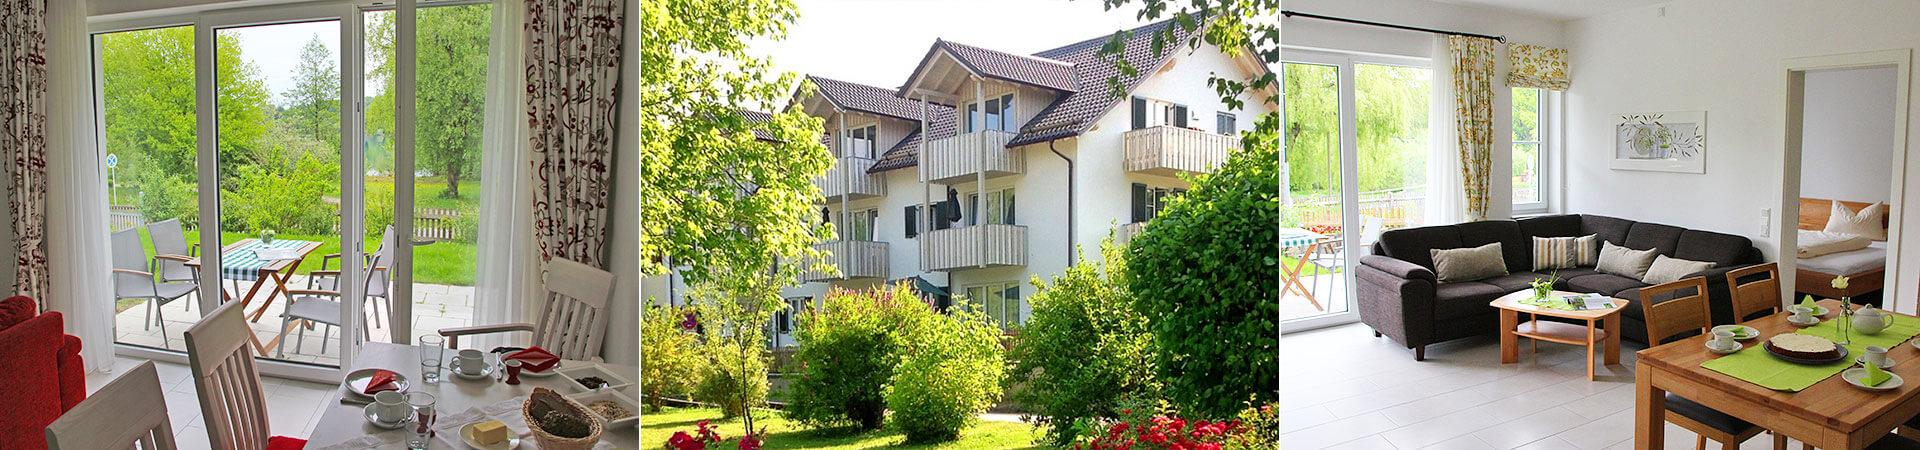 Ferien Wunderl am See - Vermietung von Ferienwohnungen und Gästezimmer direkt am Weßlinger See